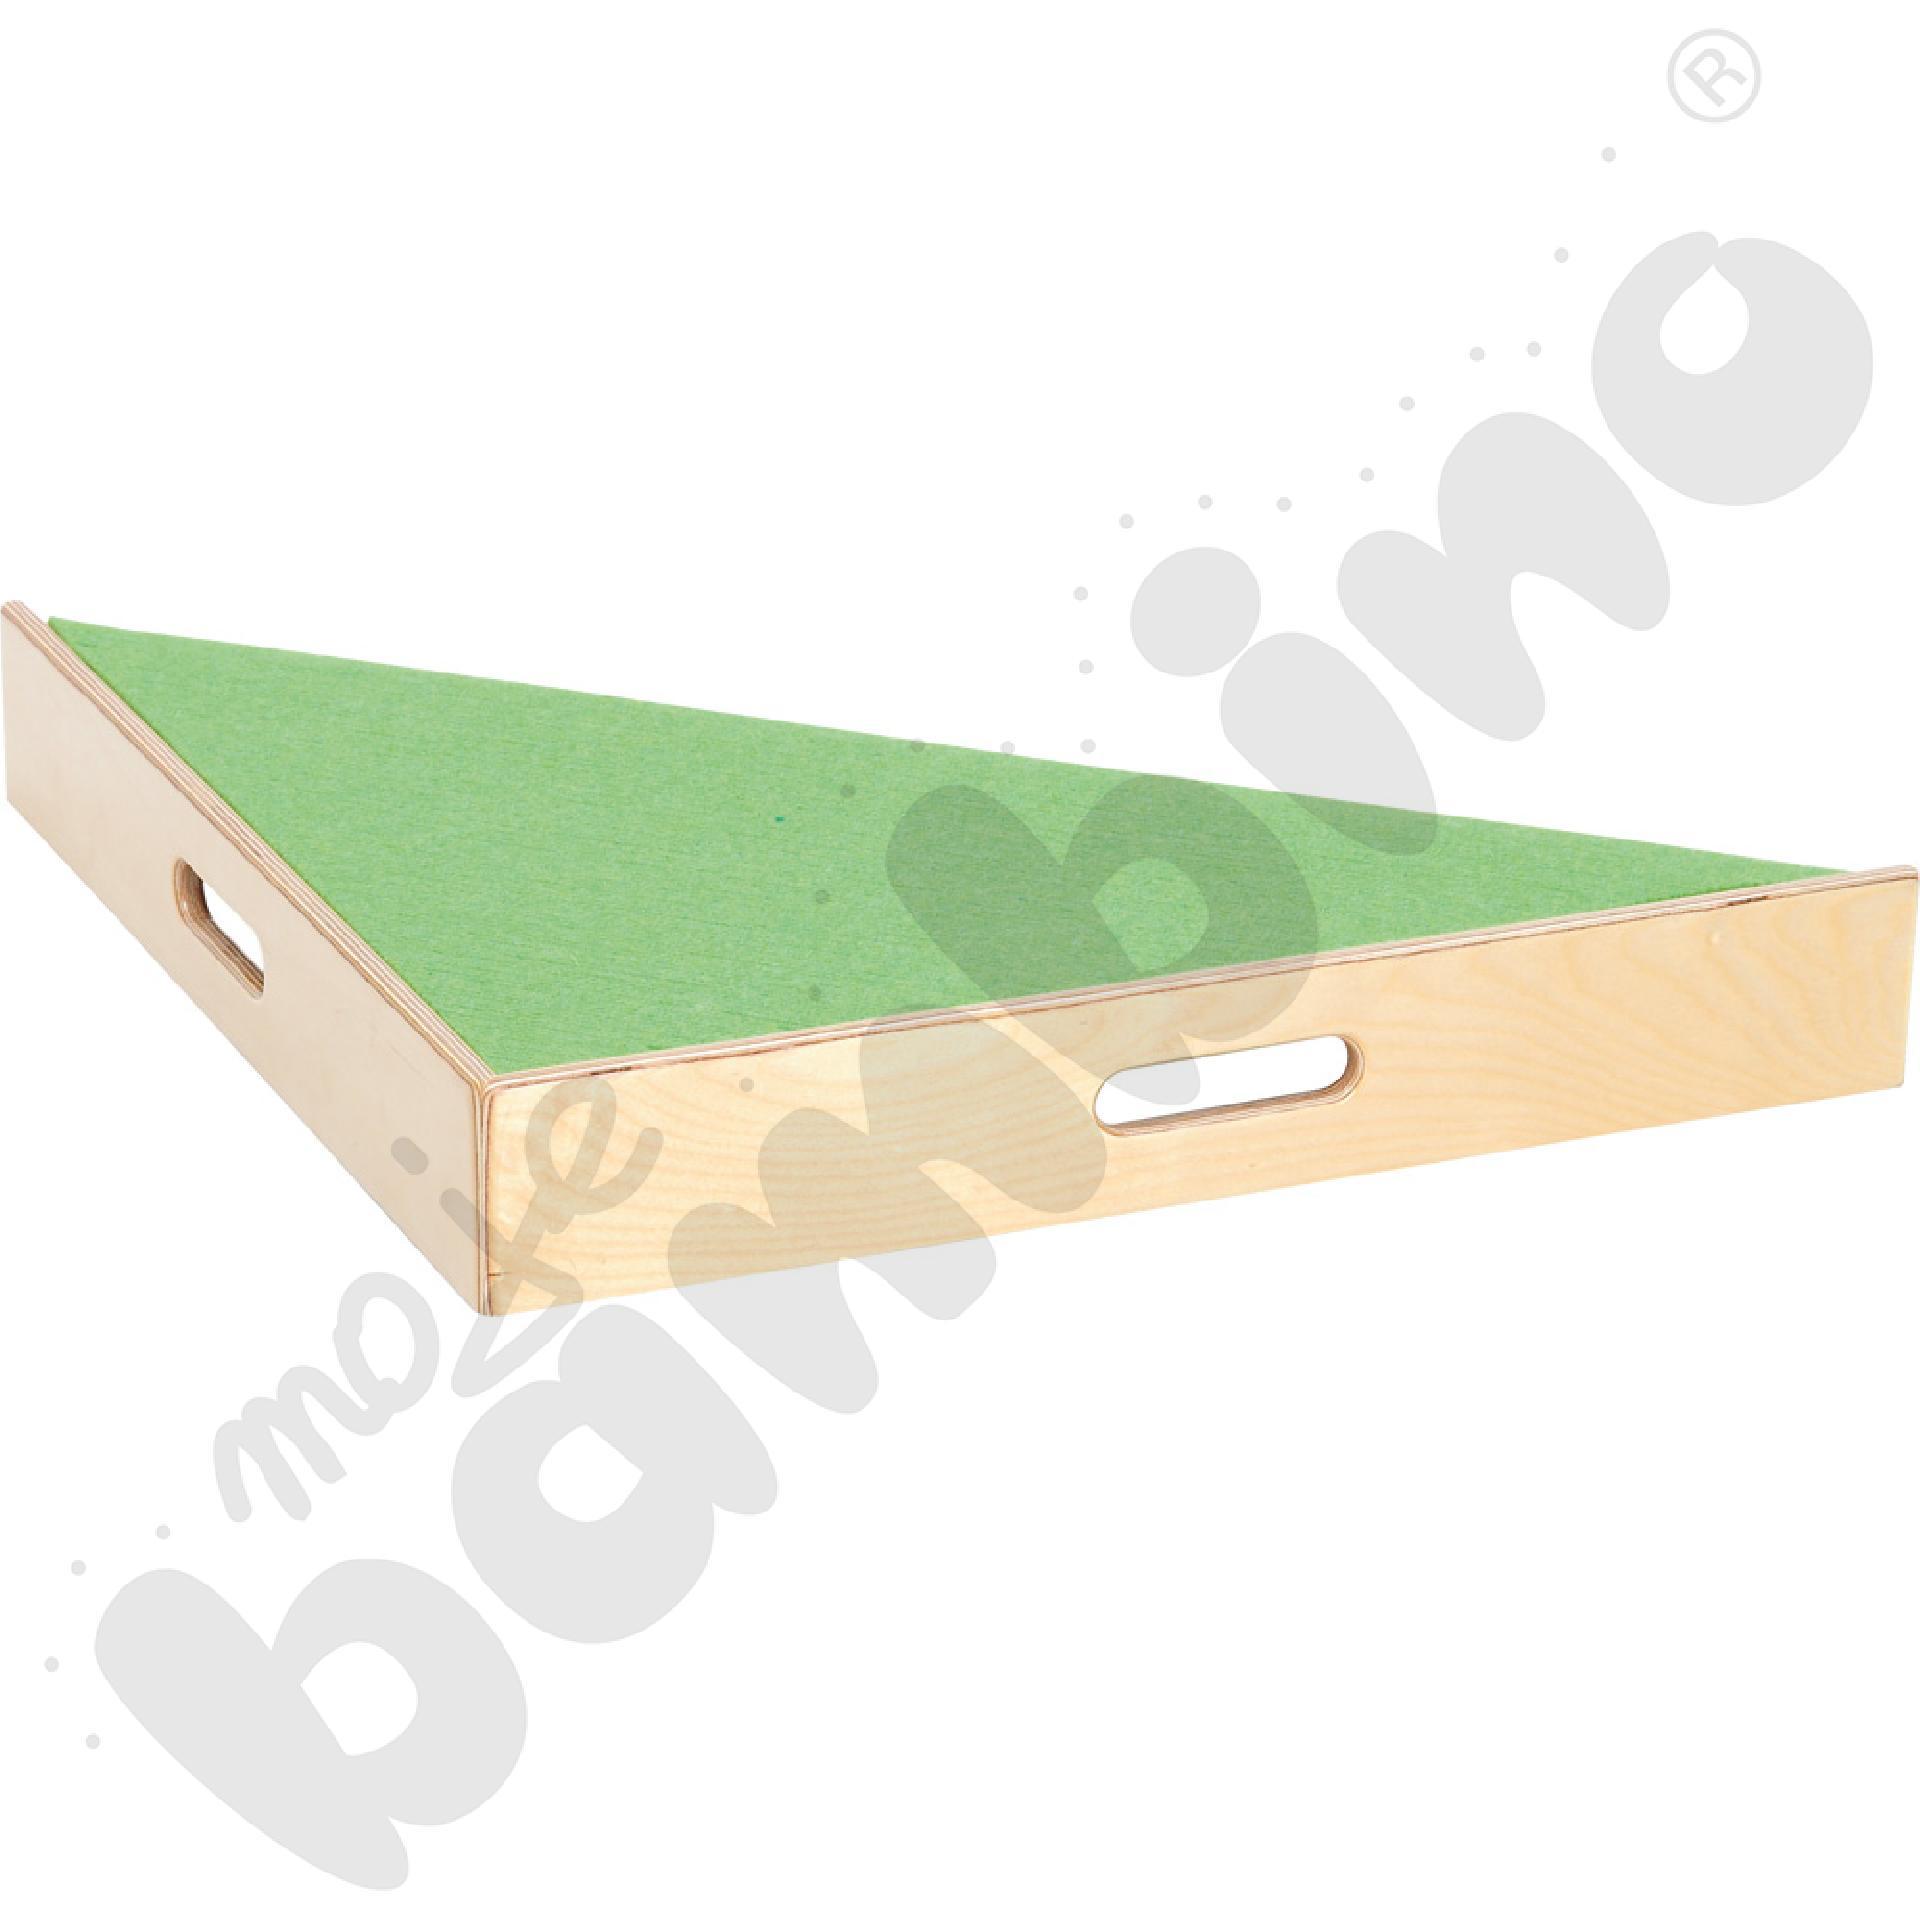 Podest trójkątny - wys.  10 cm jasnozielony